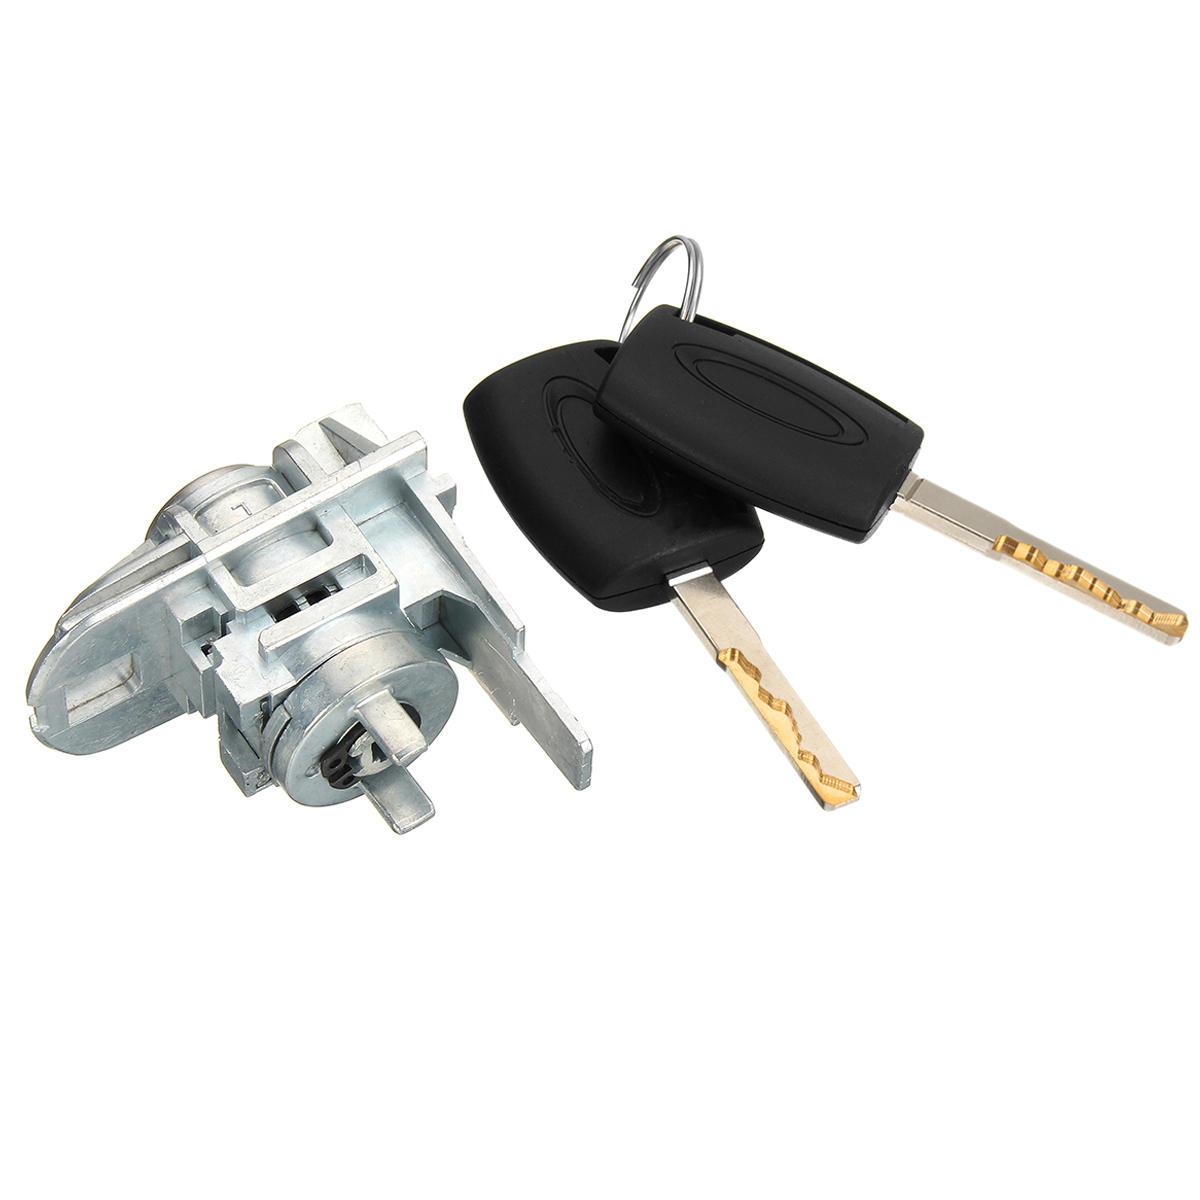 Coche Reemplazo de la puerta delantera cerradura con llave 2 para Ford Focus C-Max S-Max 1552849